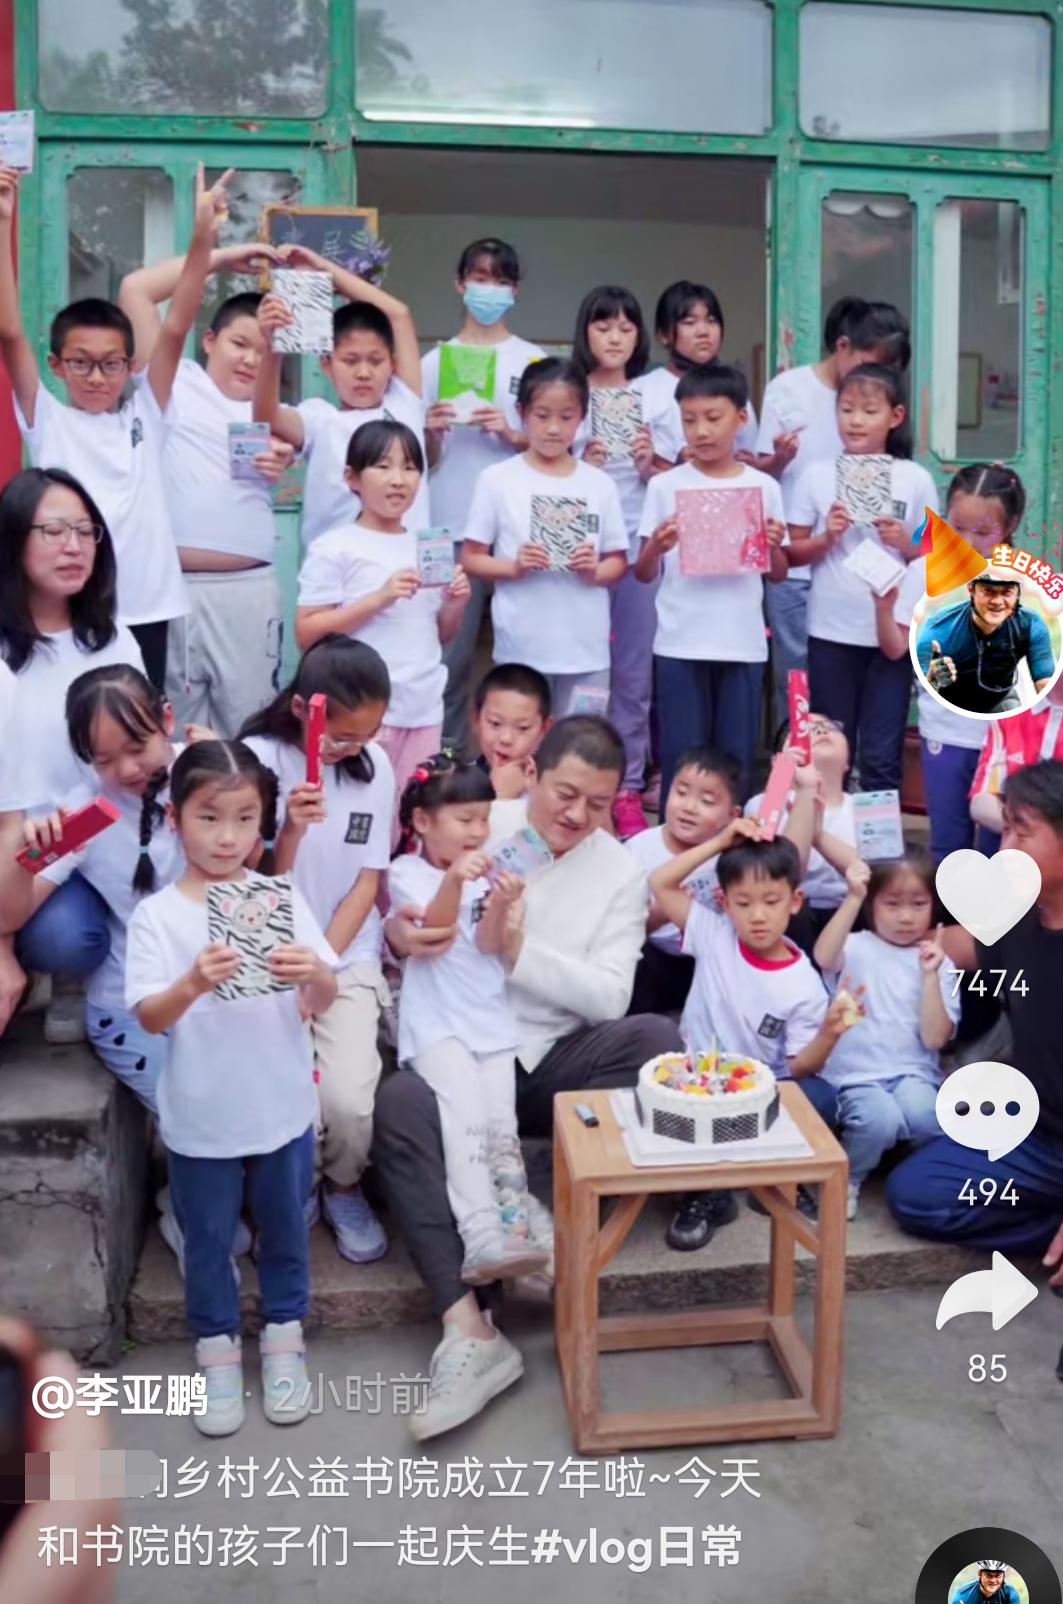 李亚鹏低调庆50岁生日,现身乡村与孩子们玩耍,不见女友女儿身影